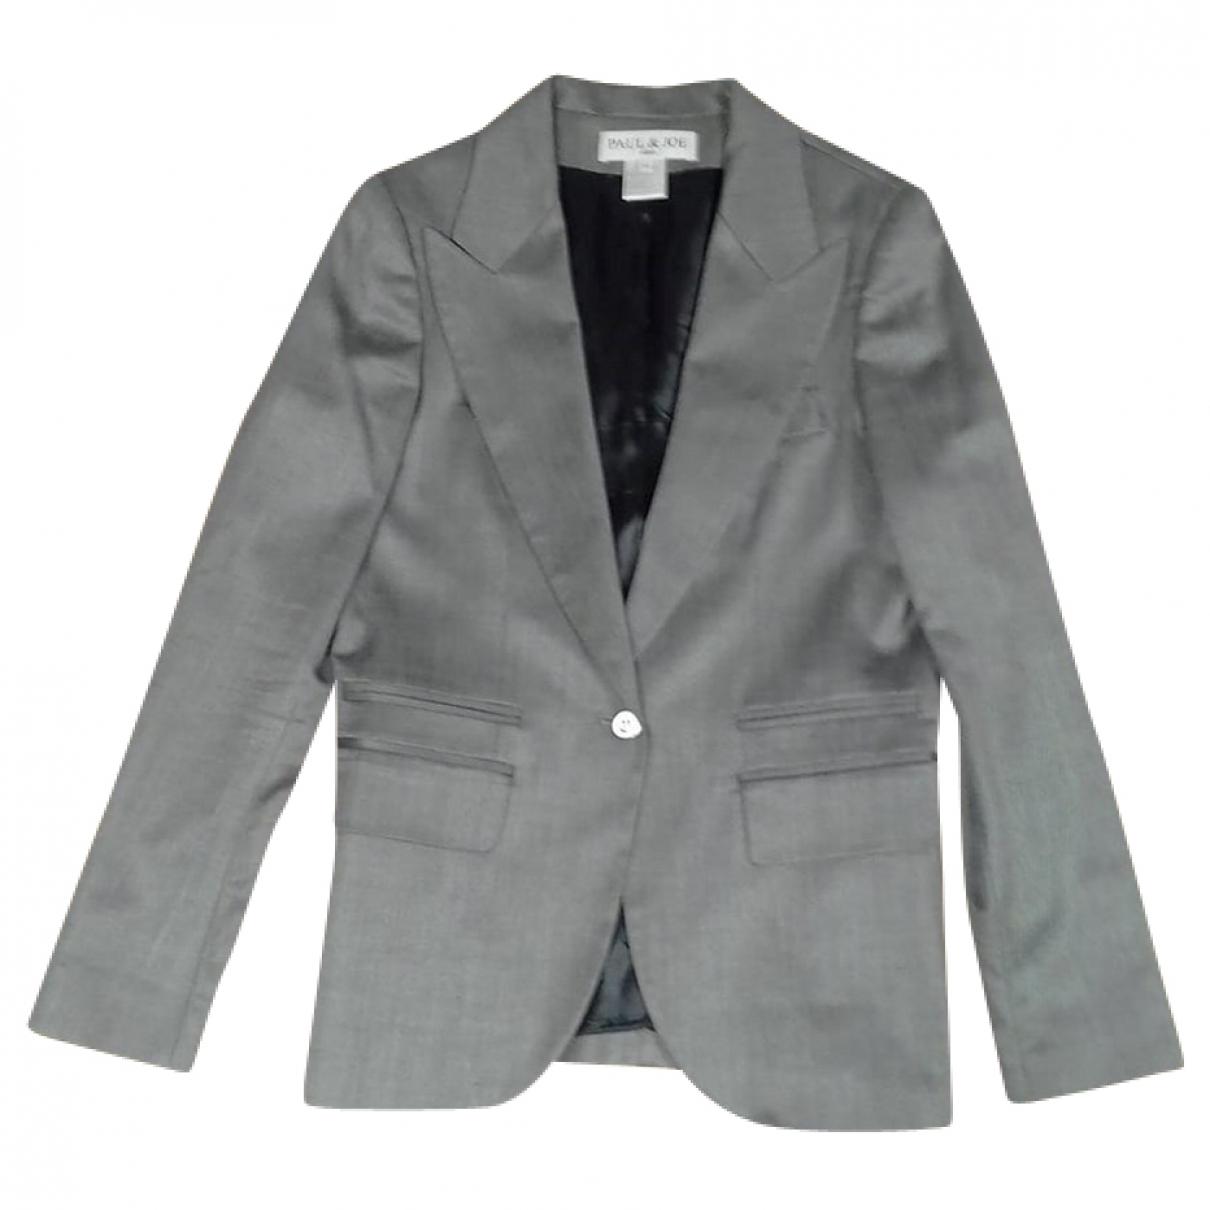 Paul & Joe \N Grey Wool jacket for Women 40 FR